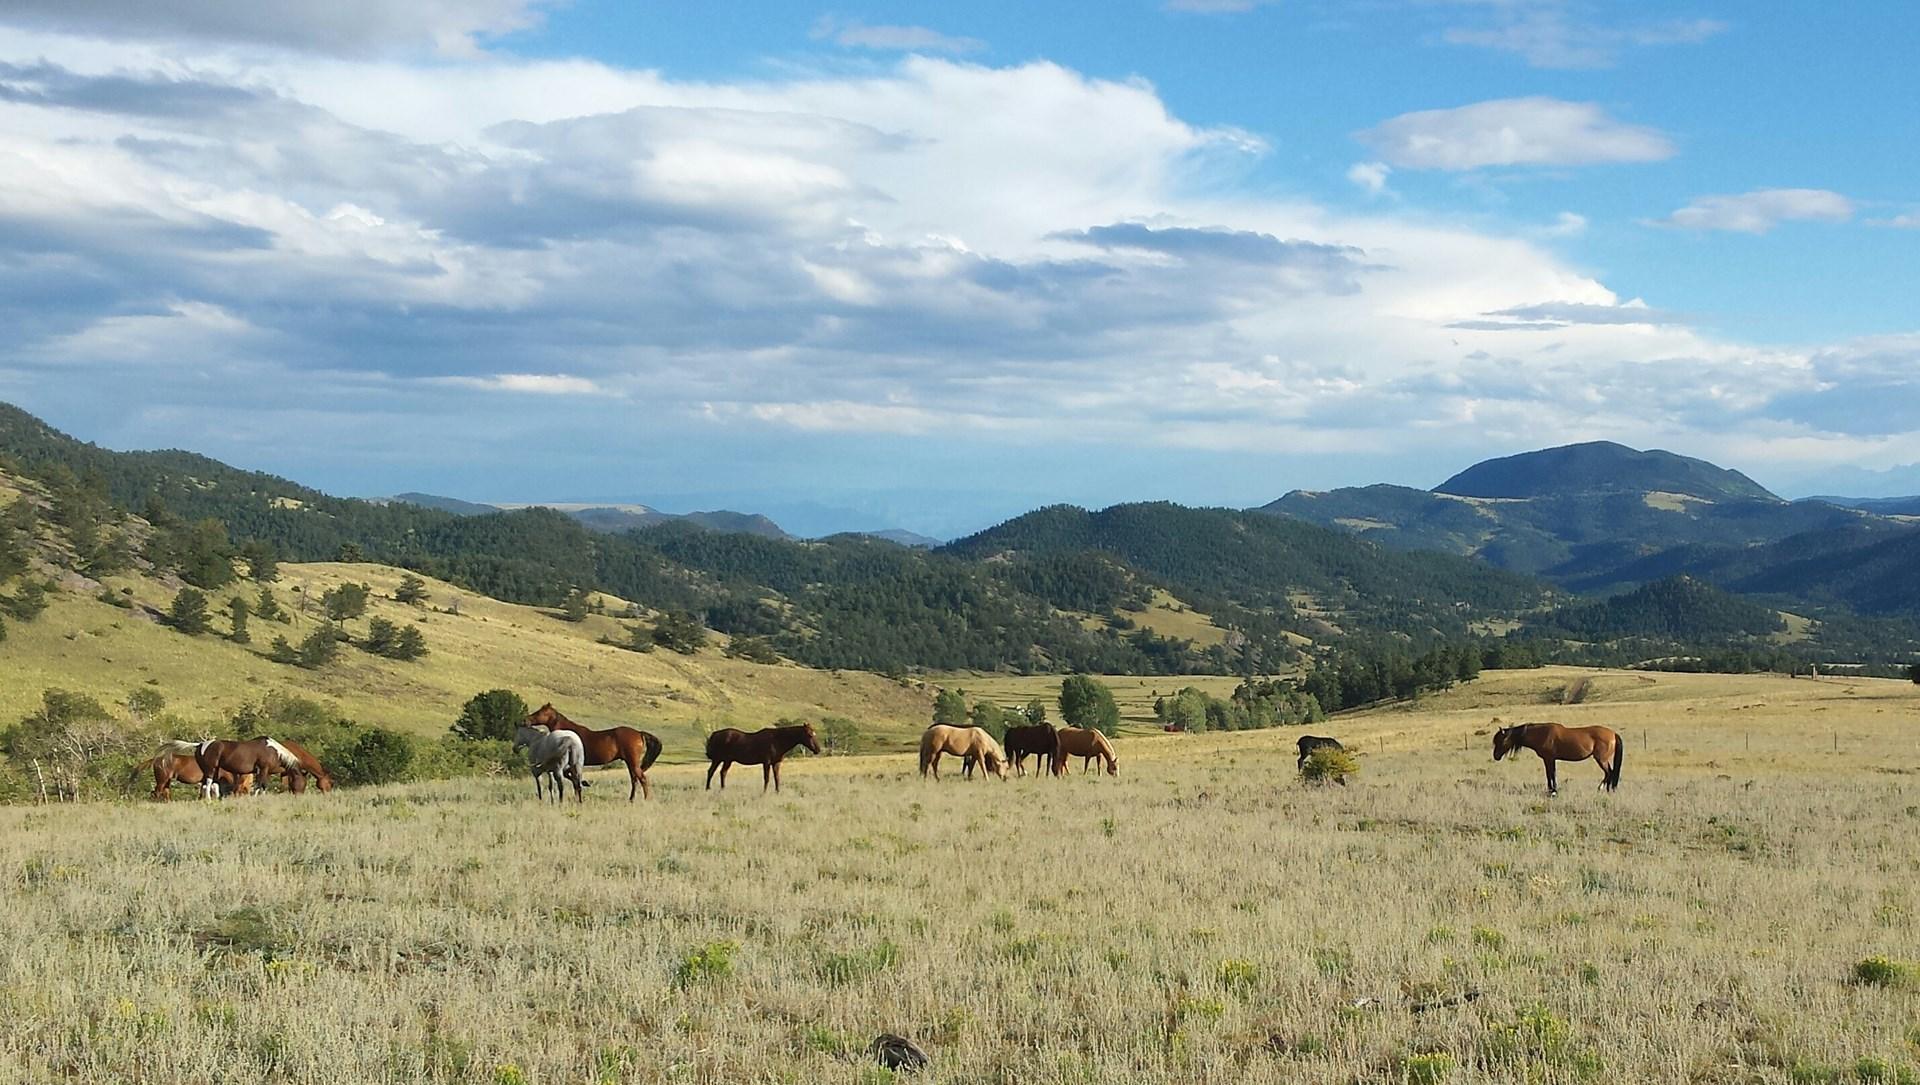 Central Colorado Equestrian Ranch: 444 Acres & Water Rights